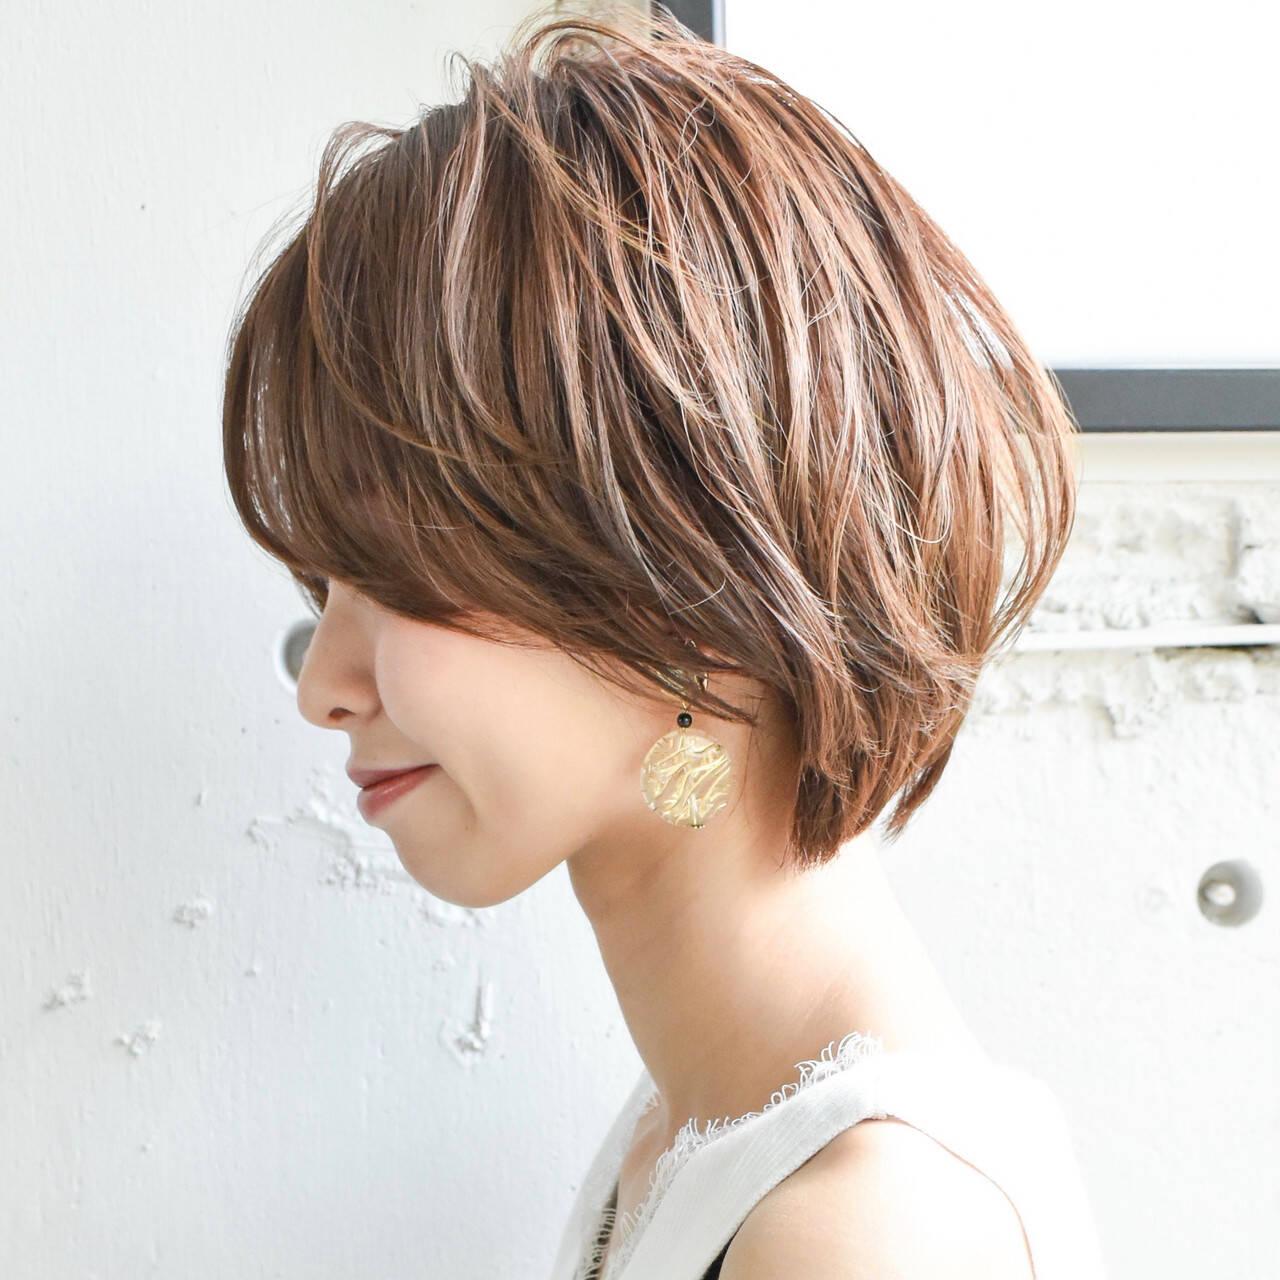 パーティ インナーカラー アンニュイほつれヘア マッシュショートヘアスタイルや髪型の写真・画像